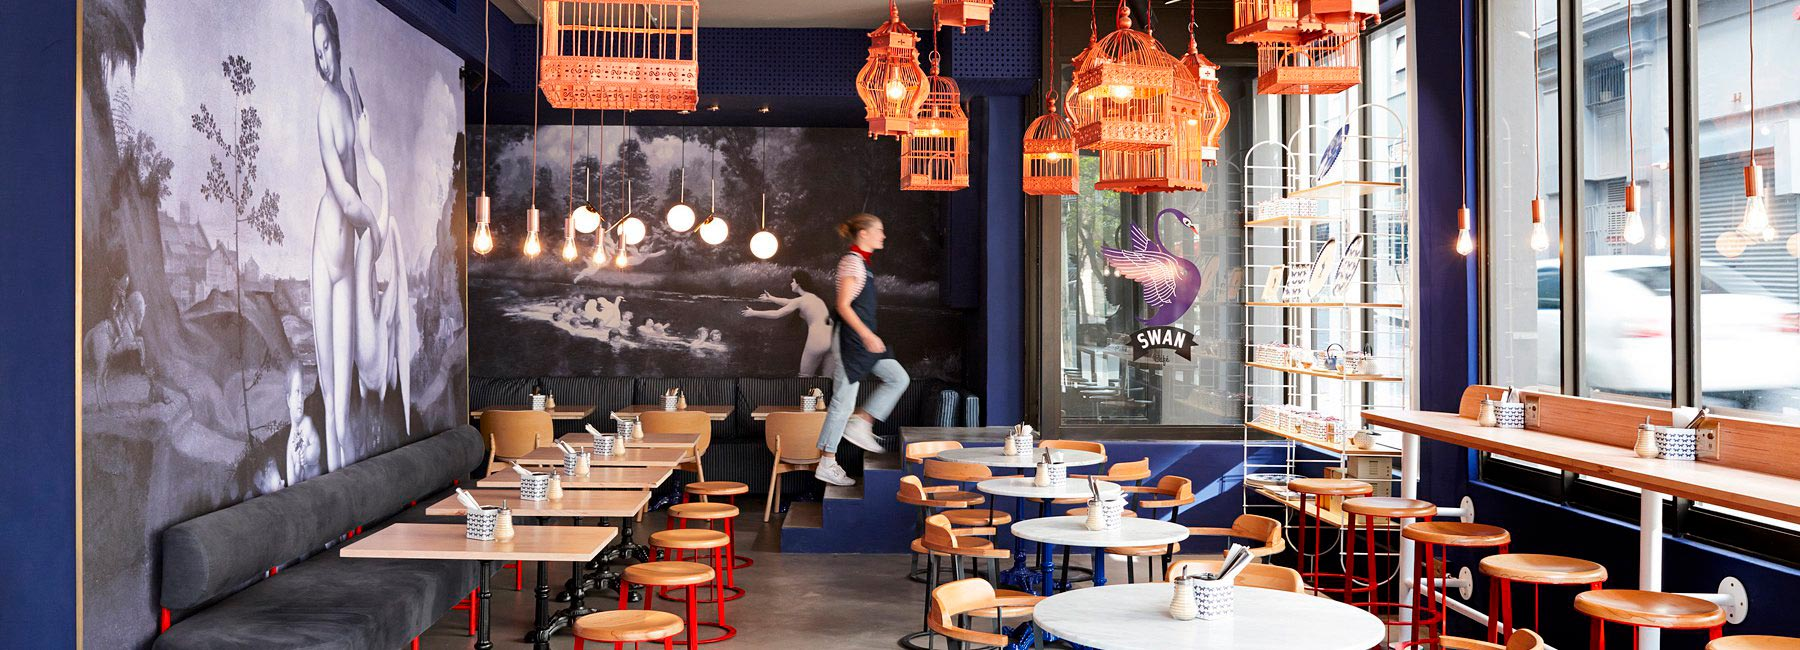 Дизайн интерьера кафе Swan в стиле традиционной французской блинной